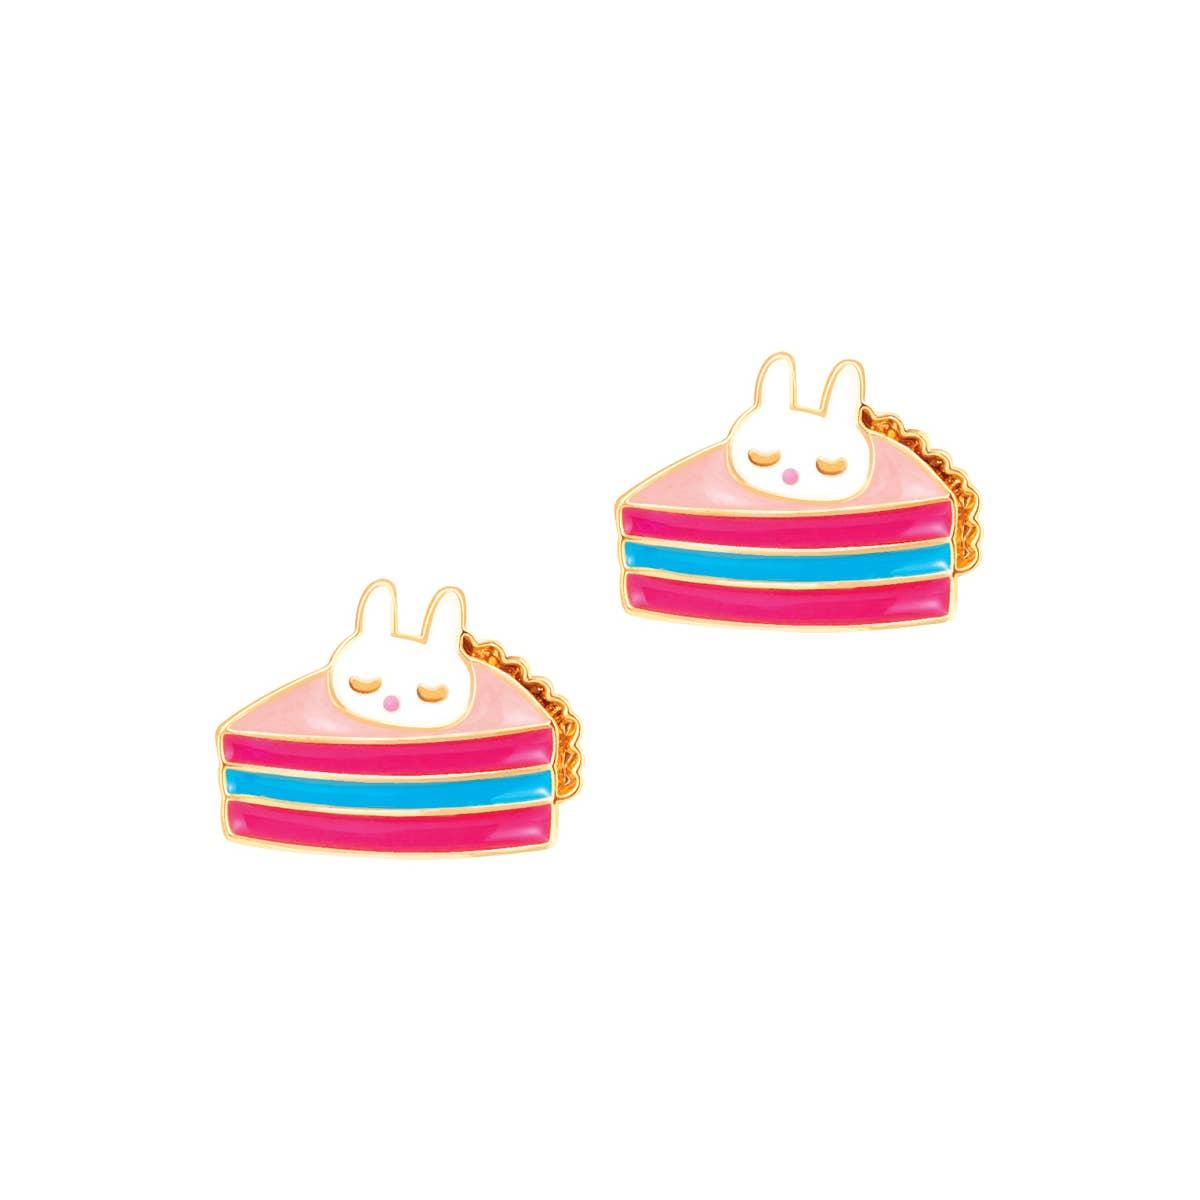 Cutie Pie Cutie Stud | Trada Marketplace